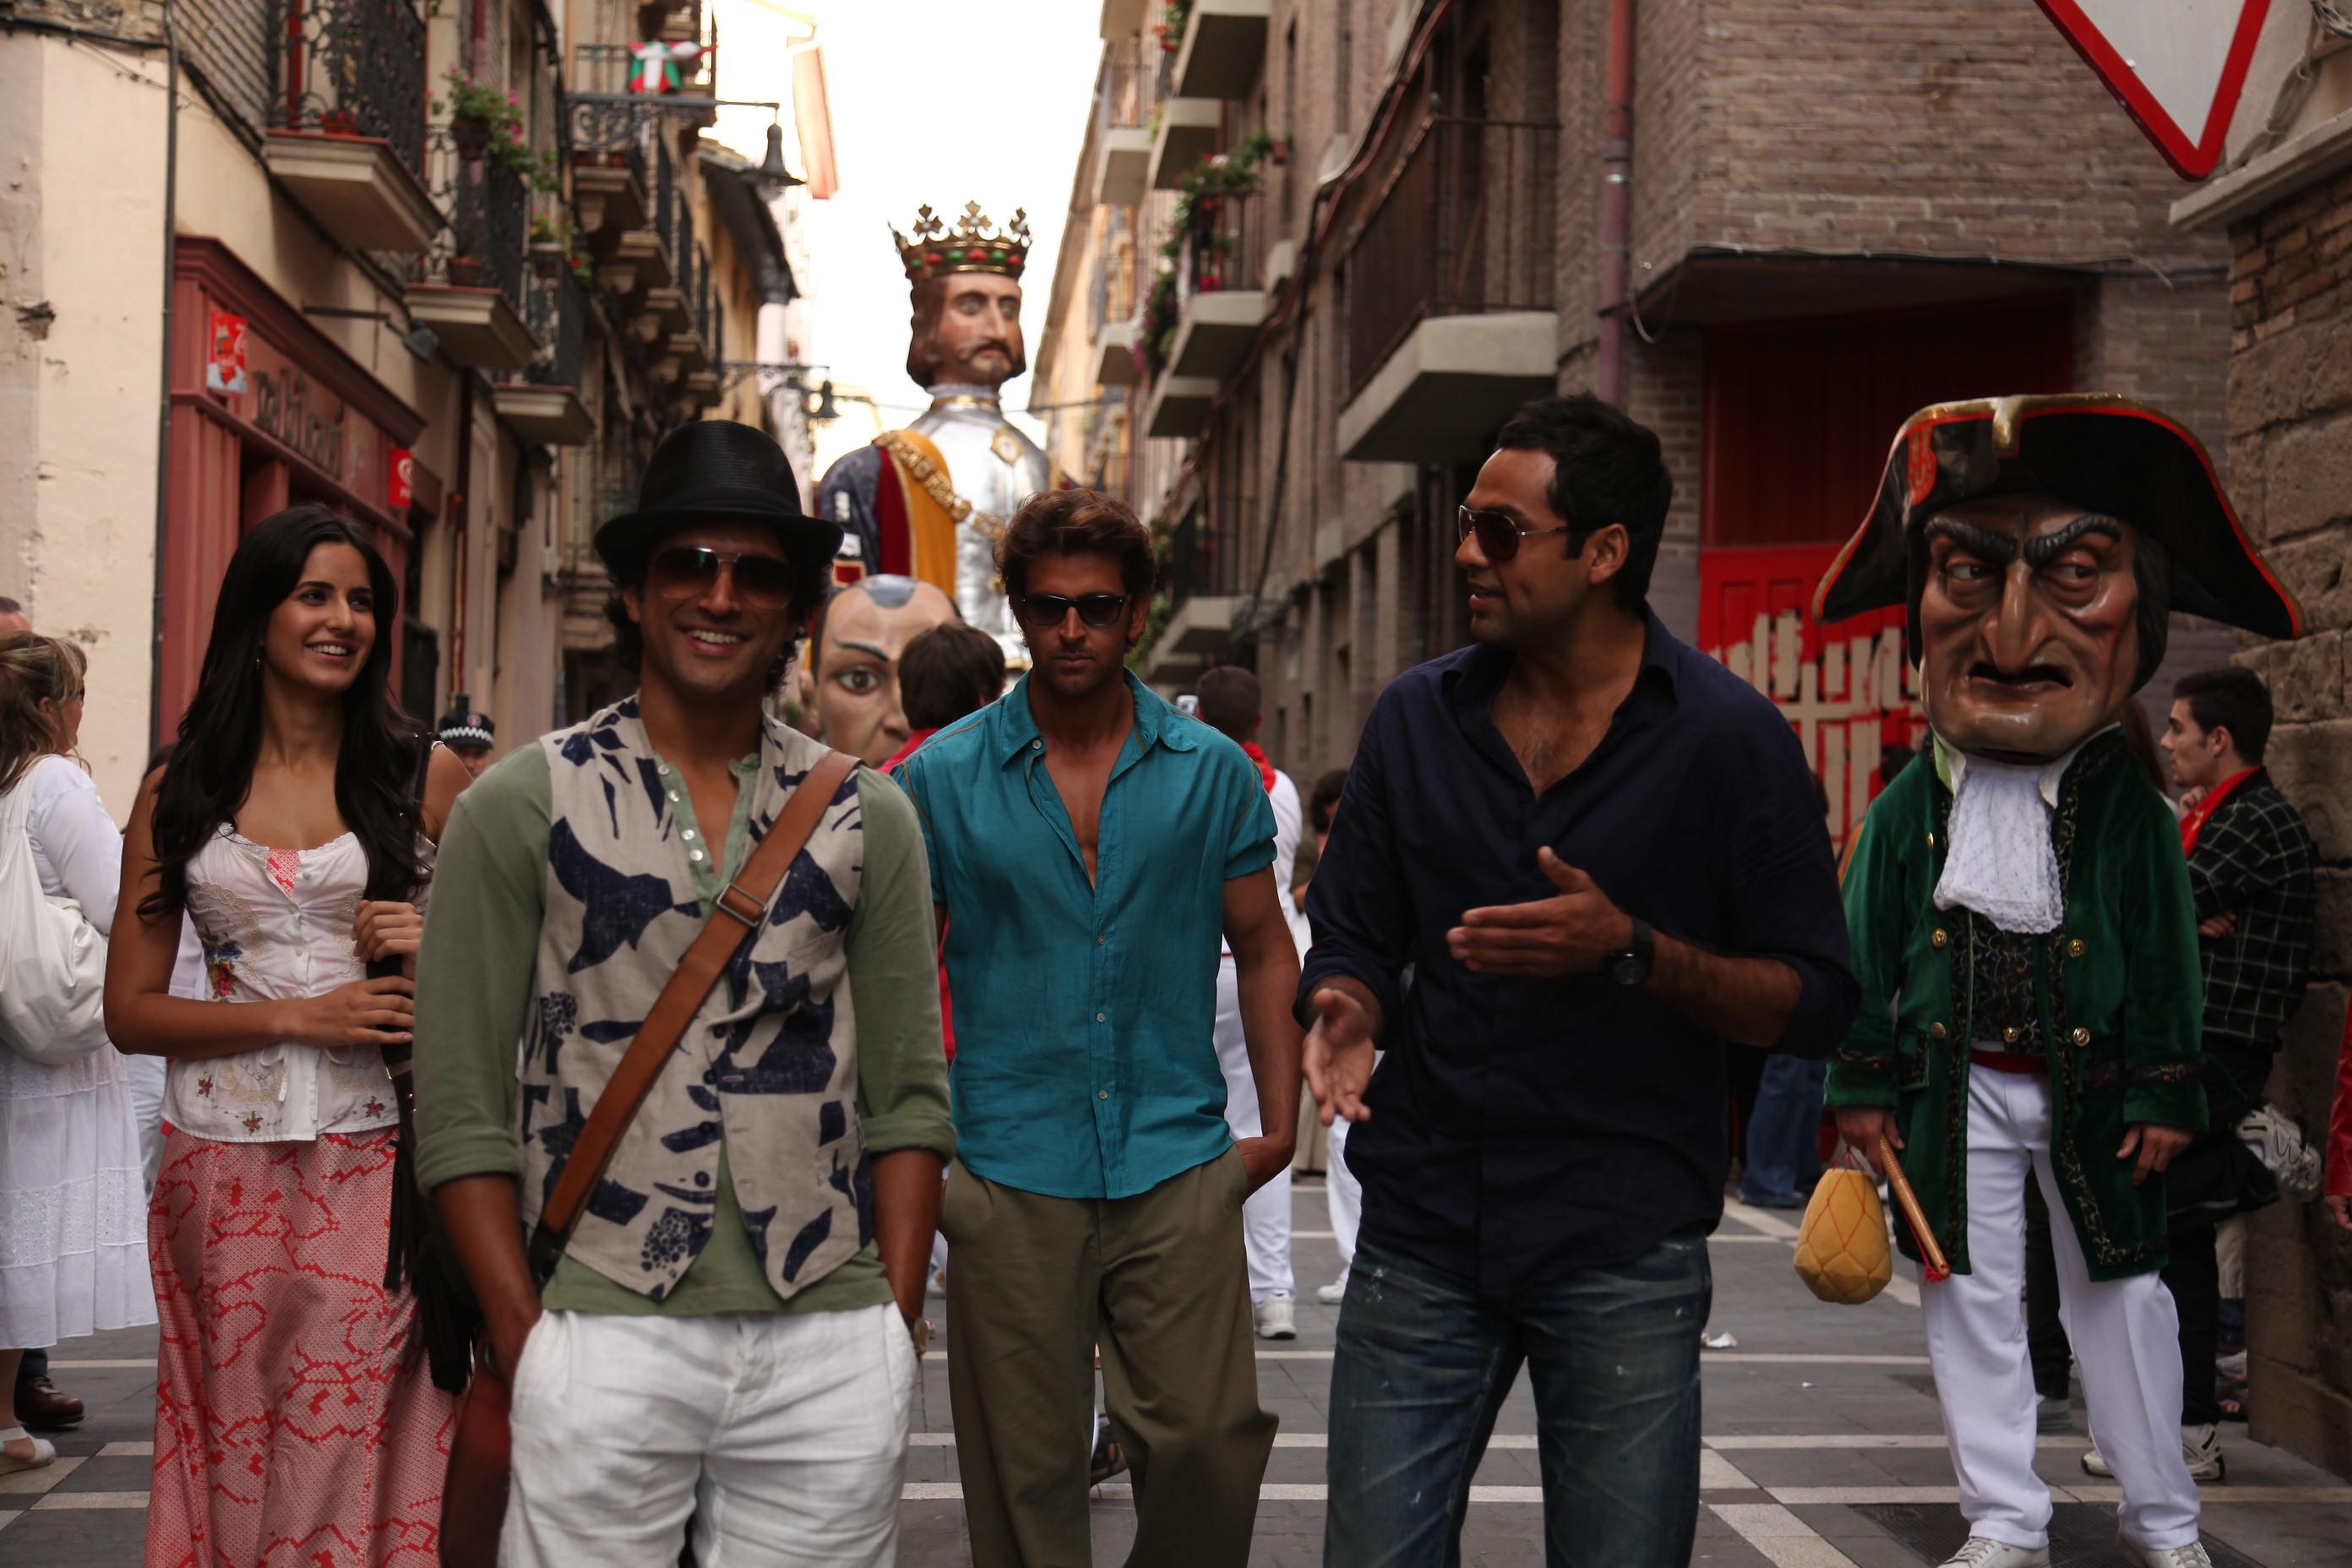 Hrithik Roshan, Farhan Akhtar, Katrina Kaif, and Abhay Deol in Zindagi Na Milegi Dobara (2011)